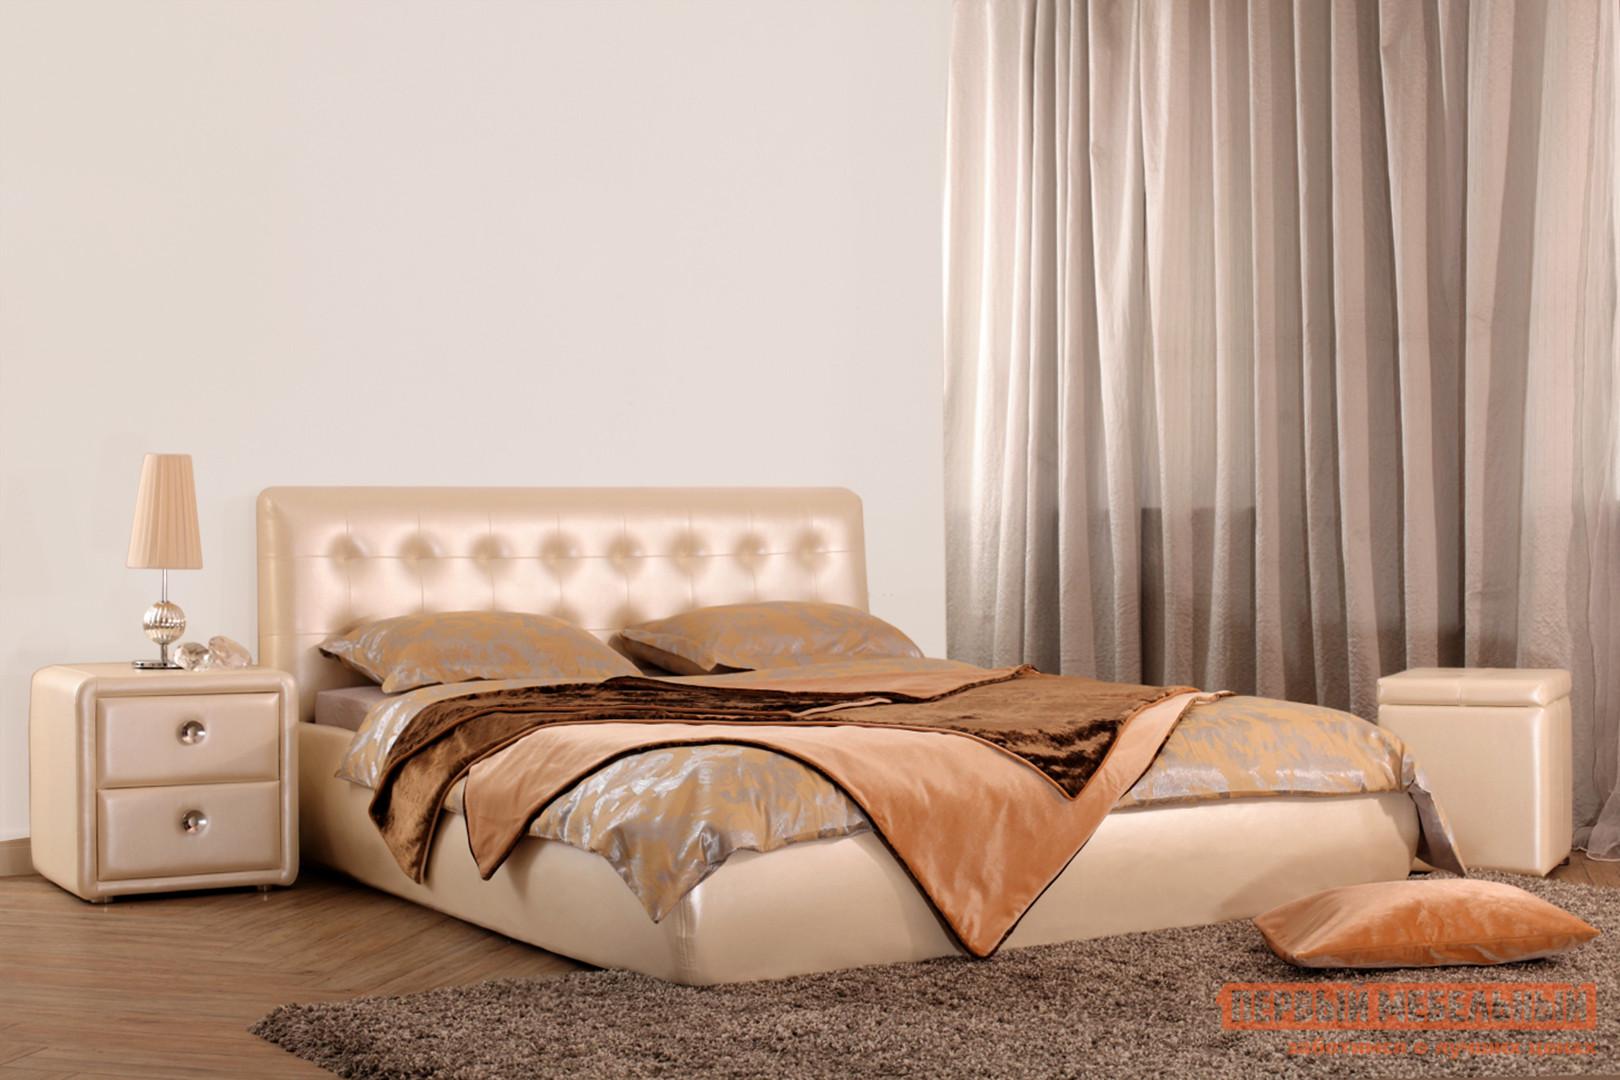 Полутороспальная кровать Первый Мебельный Кровать Омега 140х200 полутороспальная кровать первый мебельный кровать милана 140х200